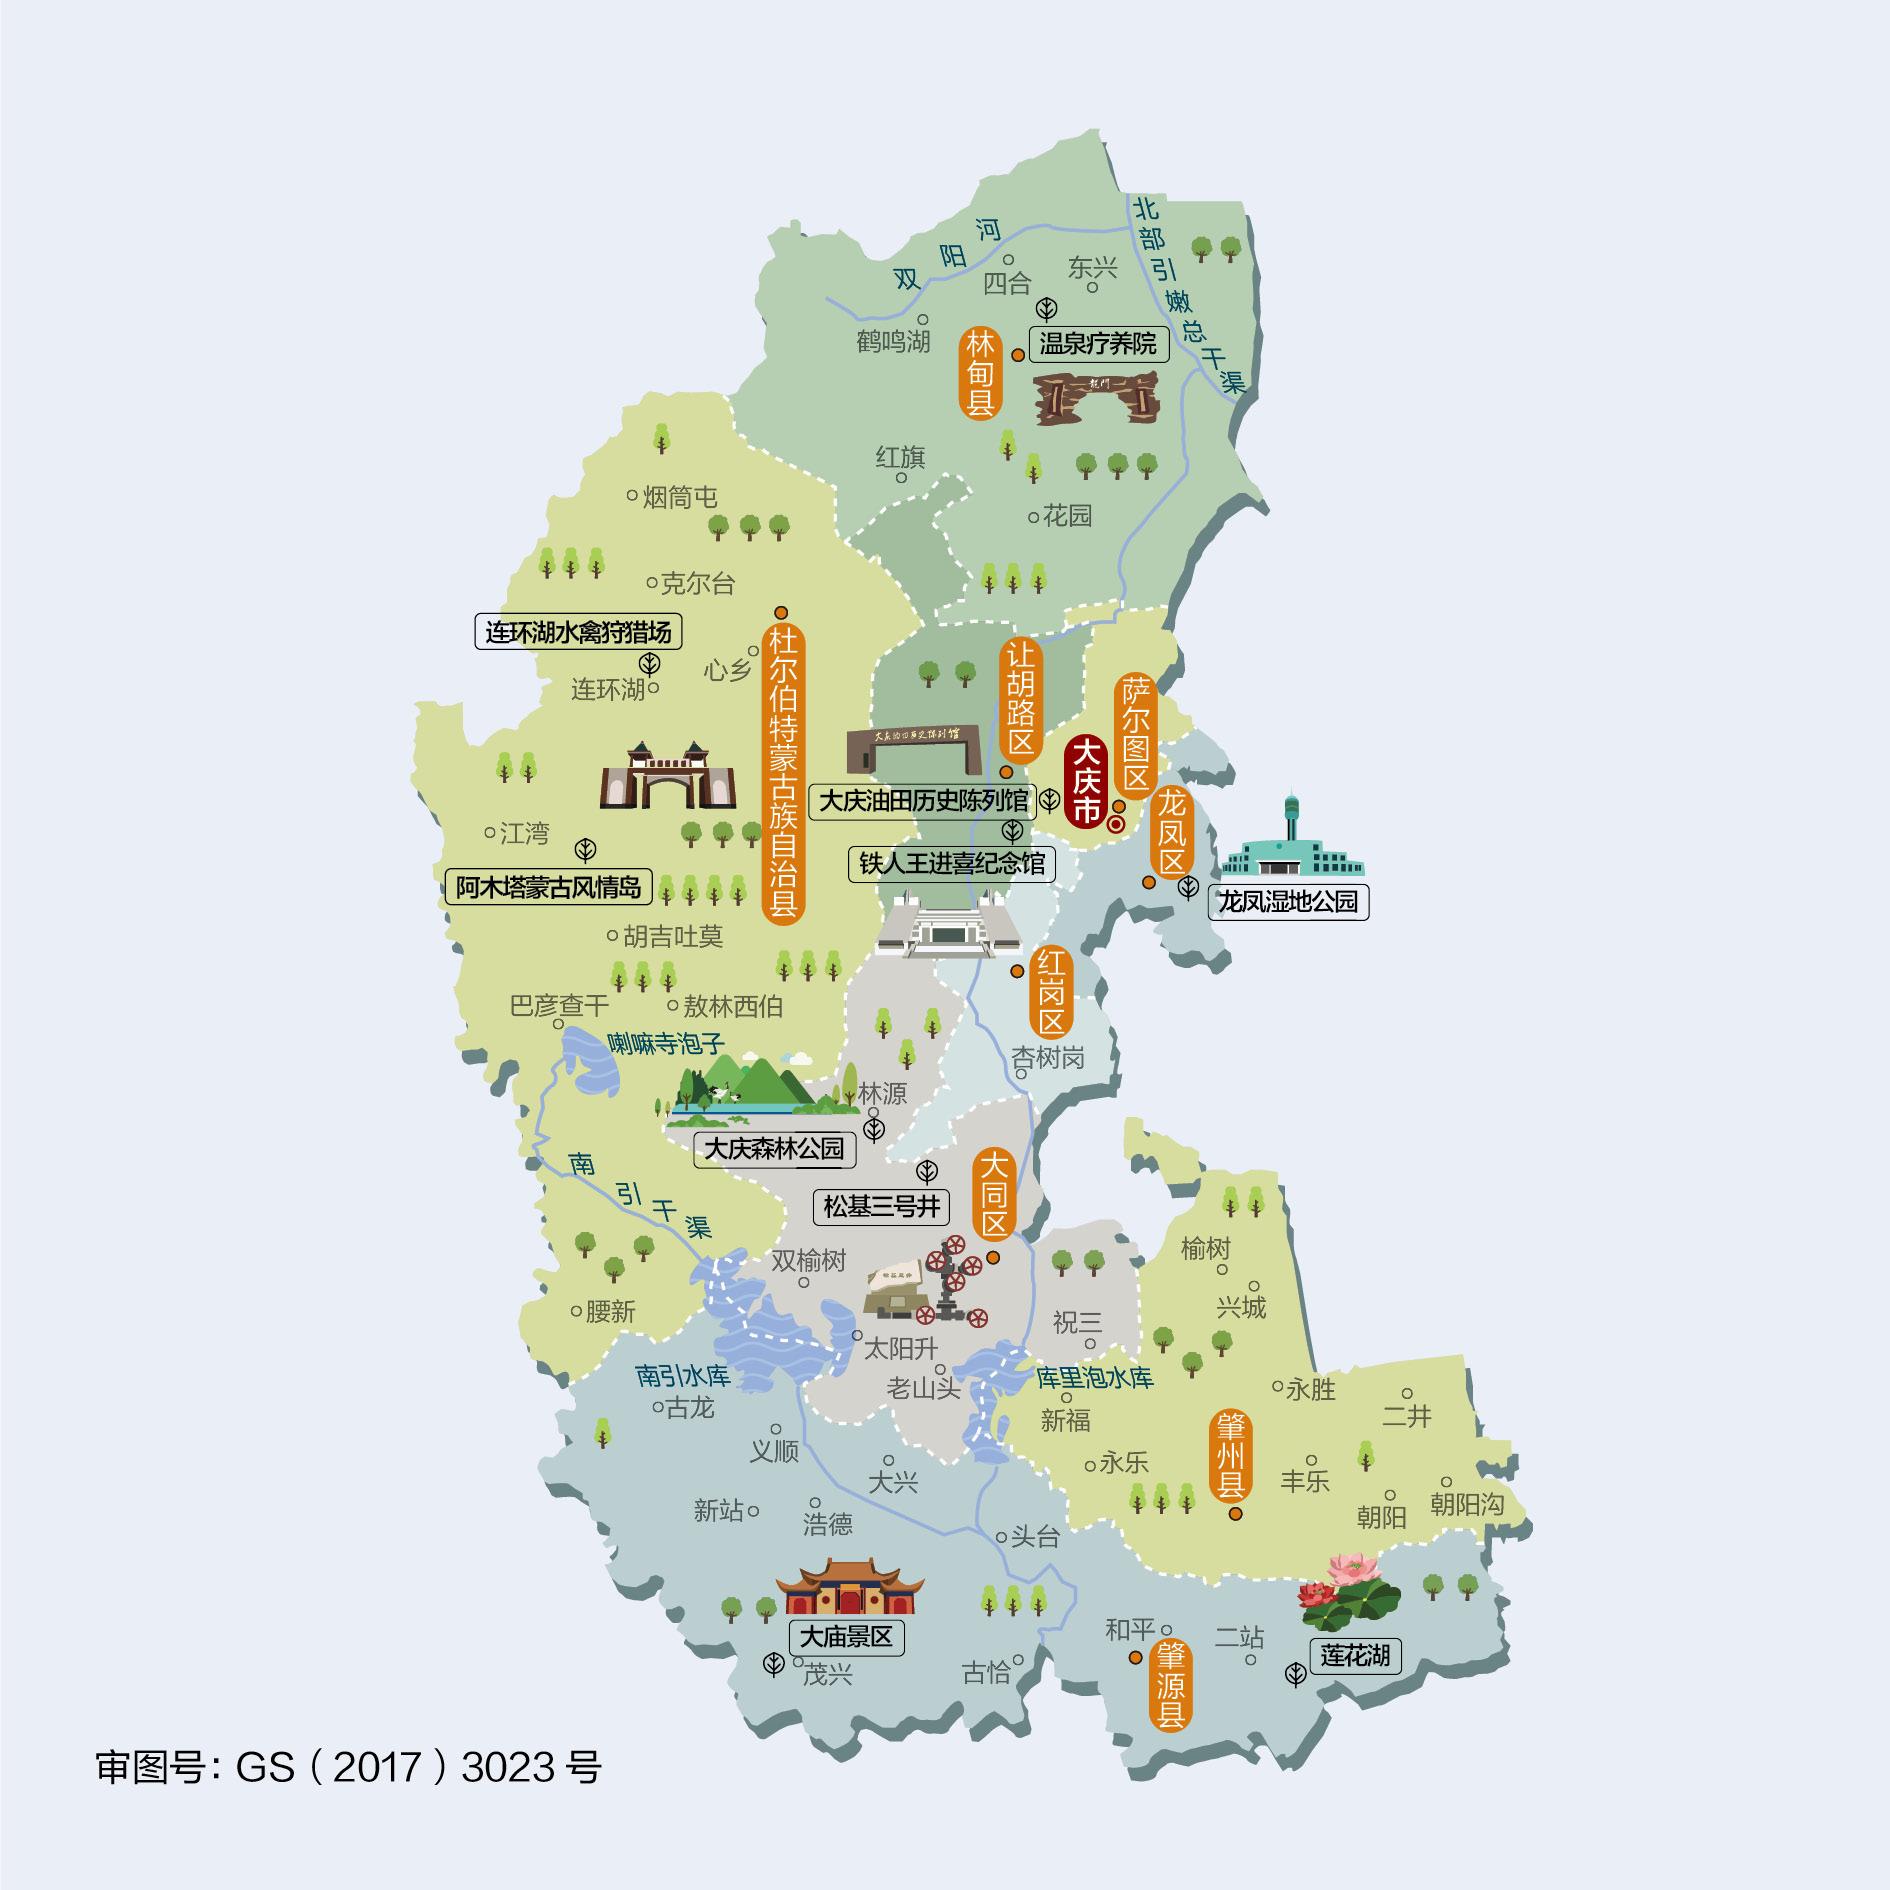 黑龙江省桦南县地图_黑龙江省大兴市人文地图_大庆地图库_地图窝